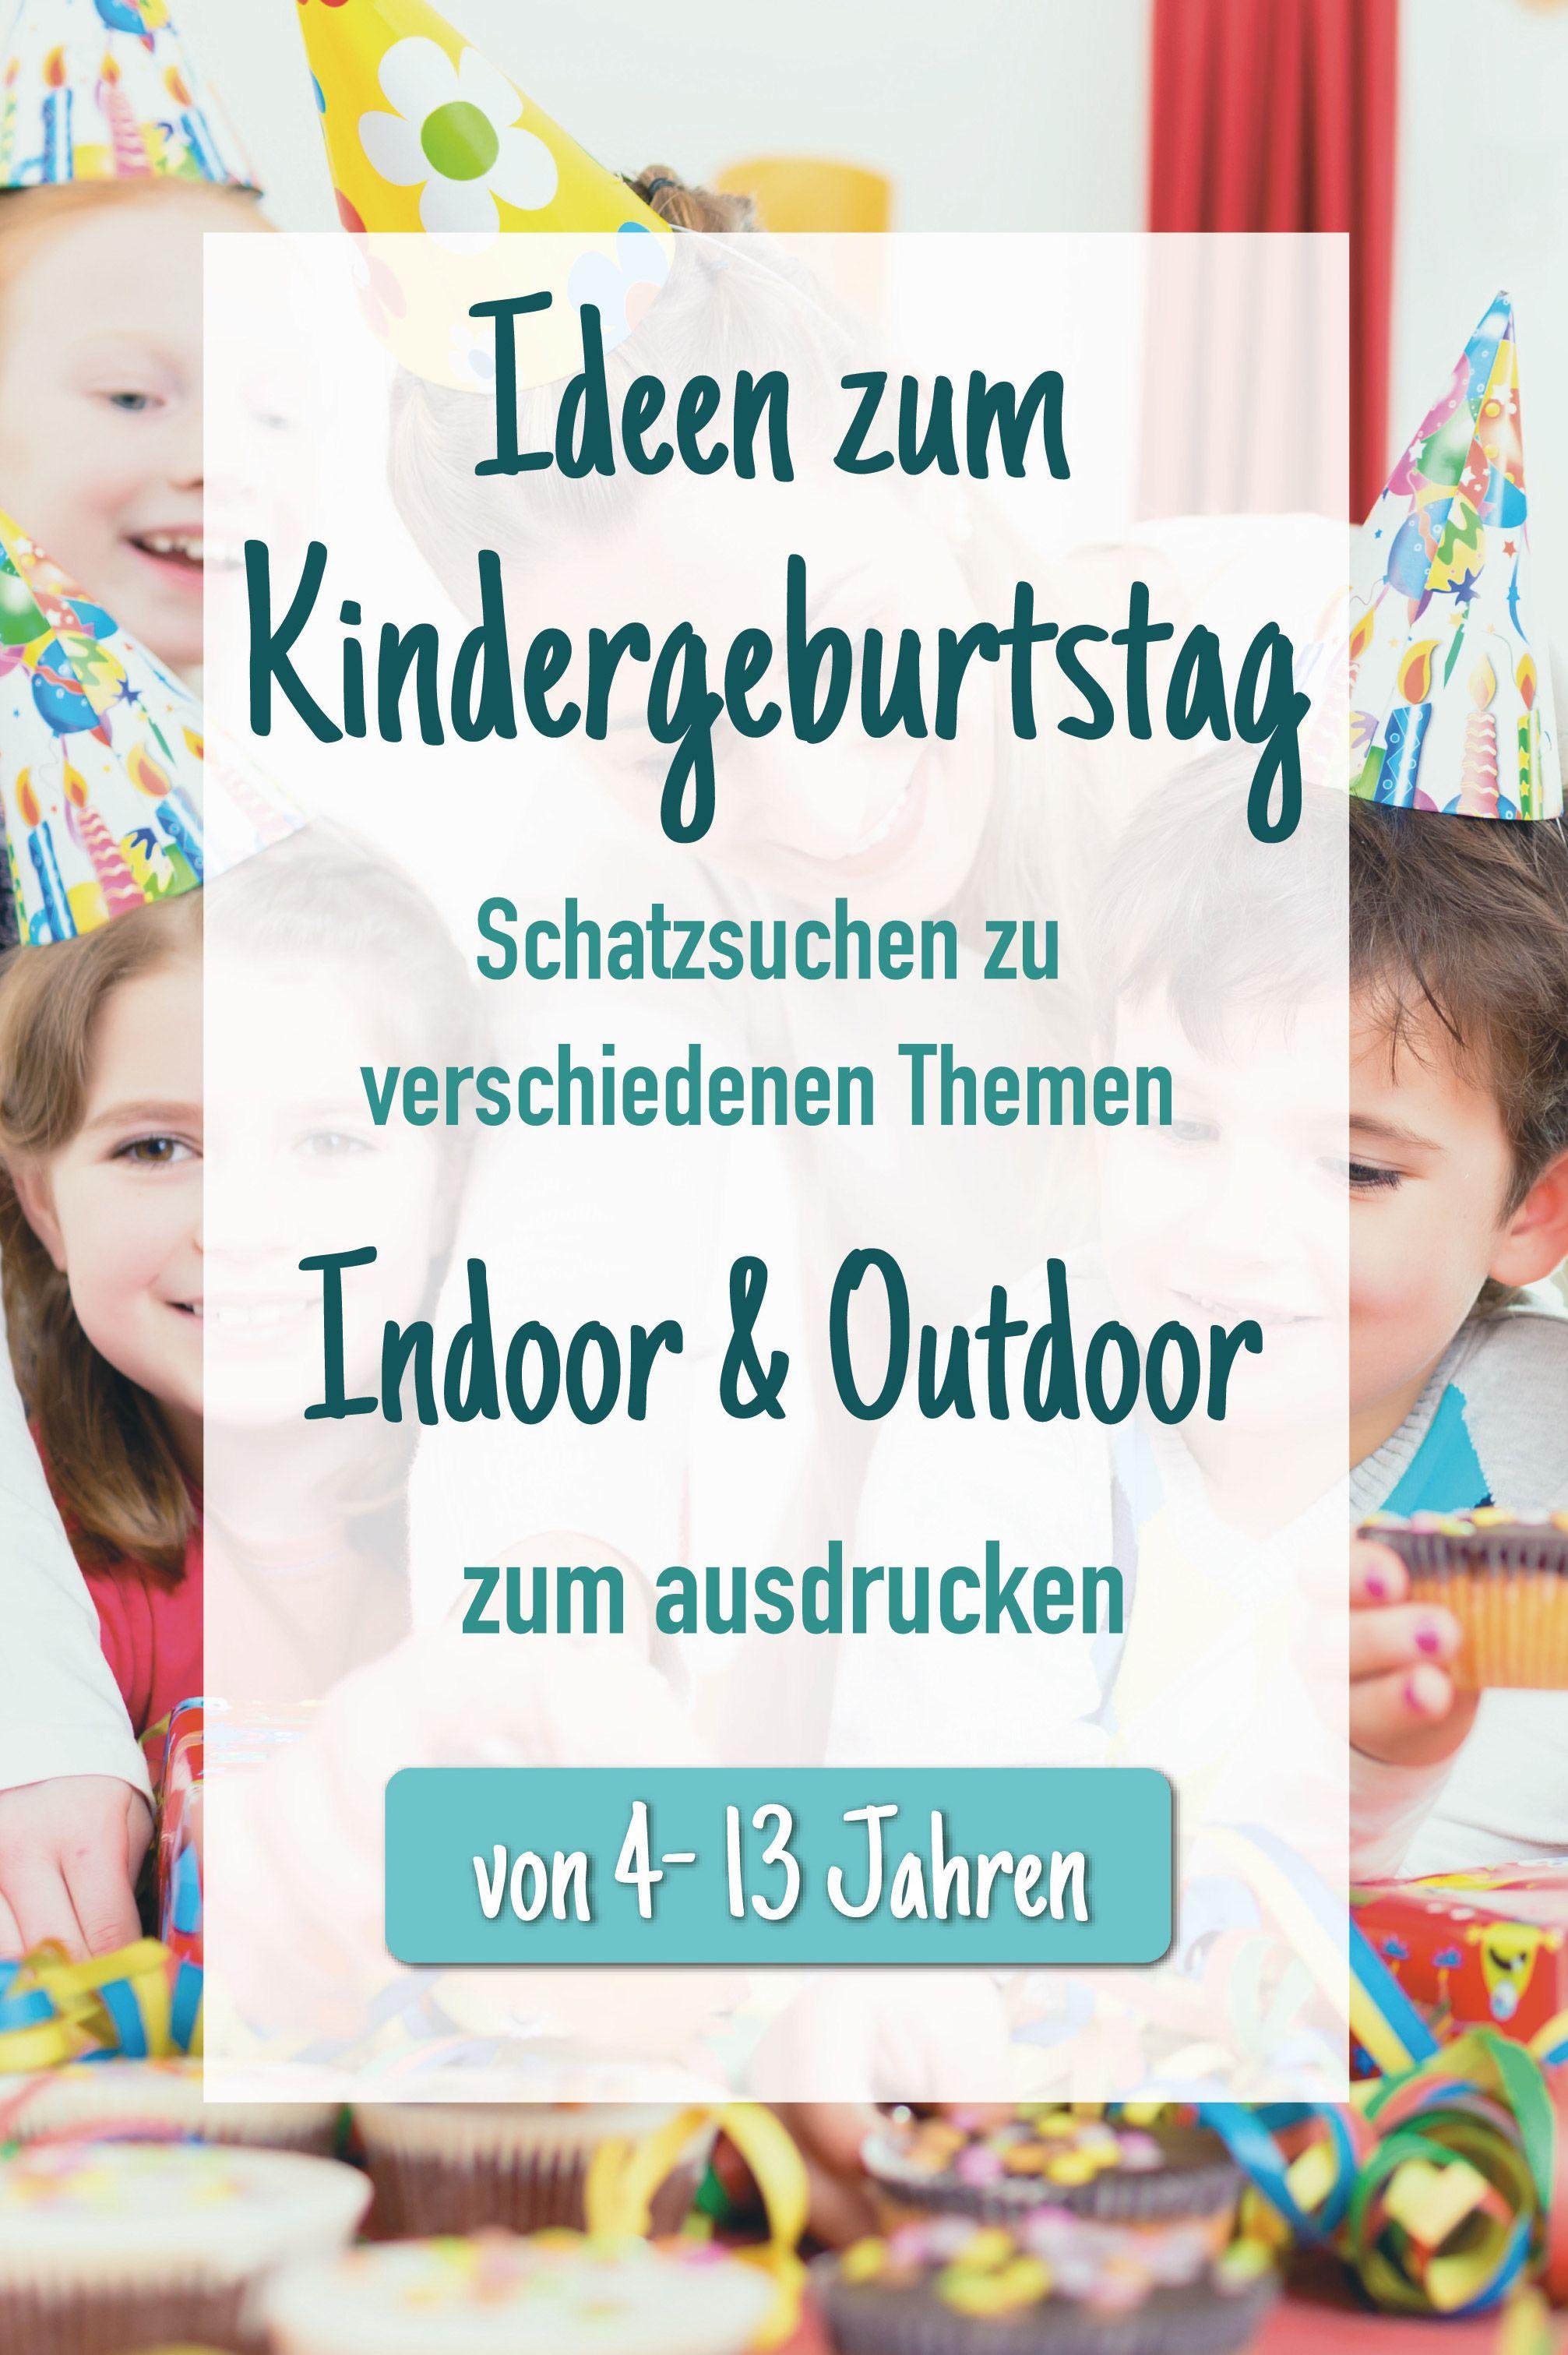 Photo of Ideen zum Kindergeburtstag  Schatzsuche zum ausdrucken